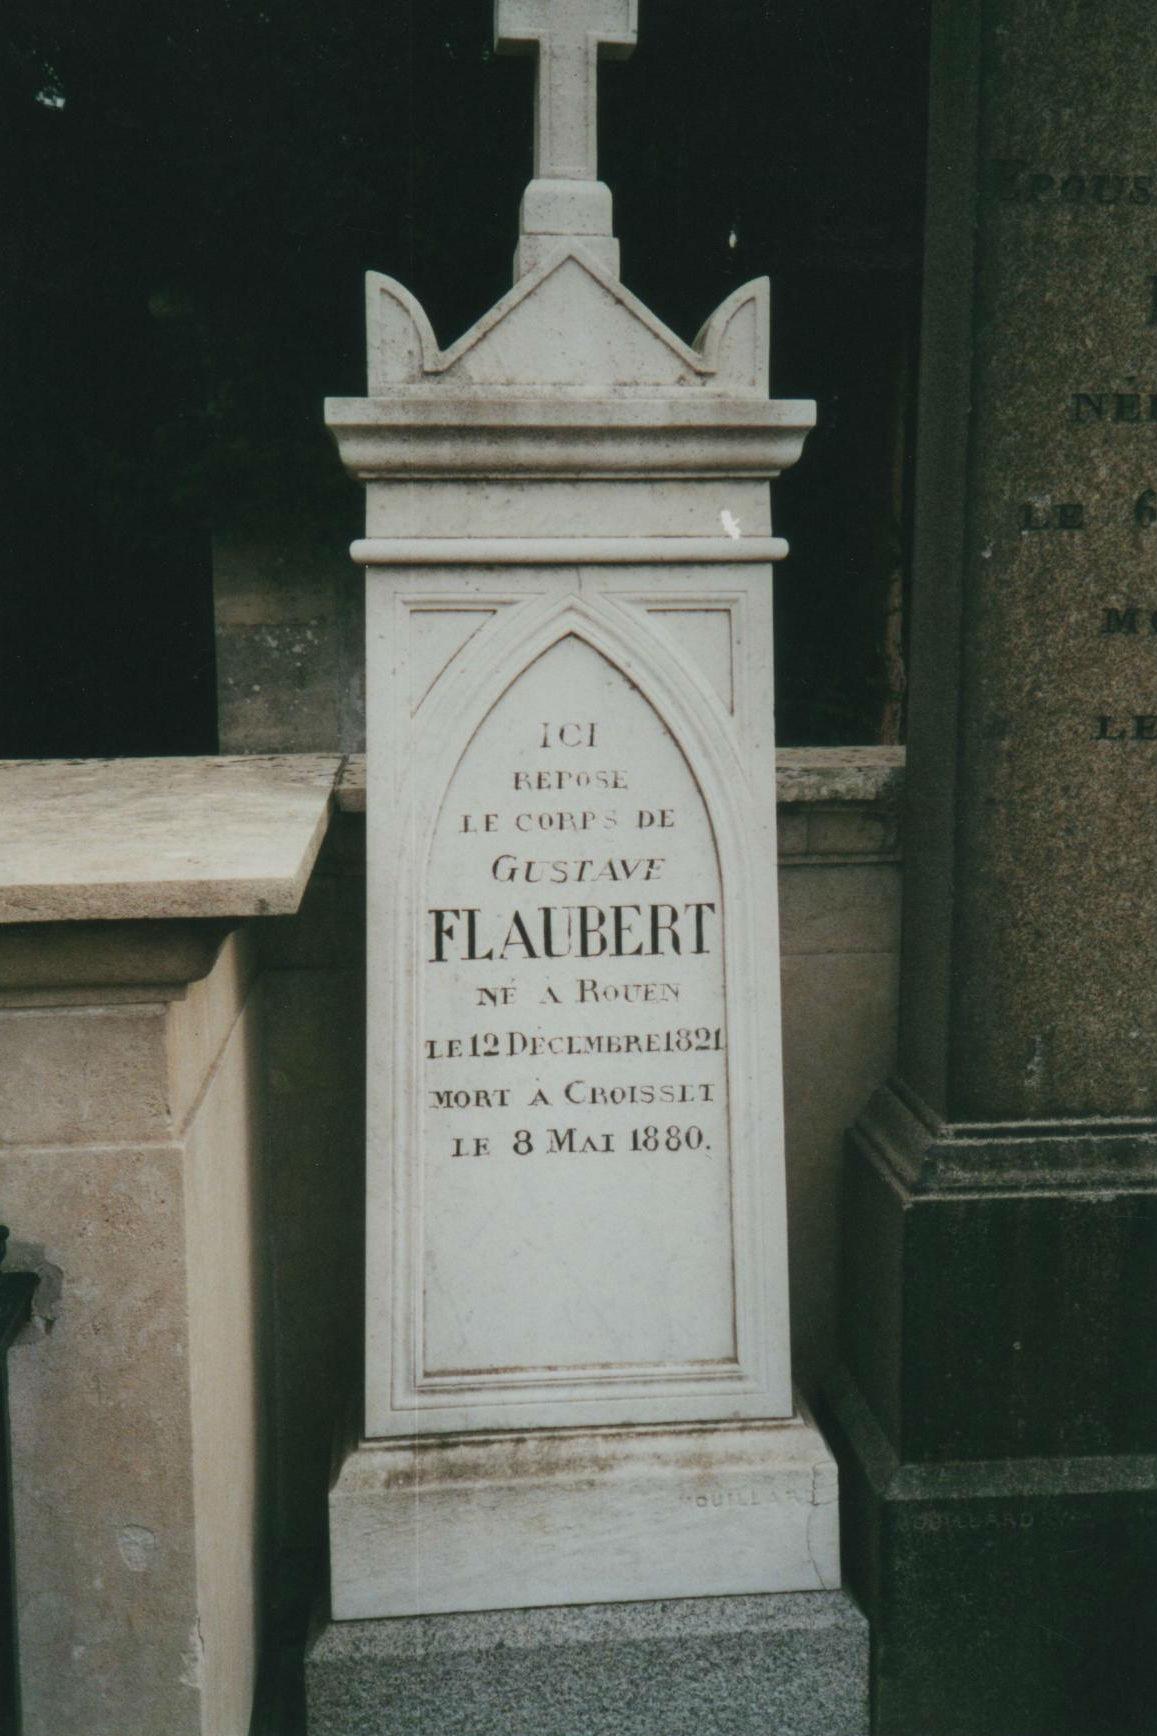 flaubert2